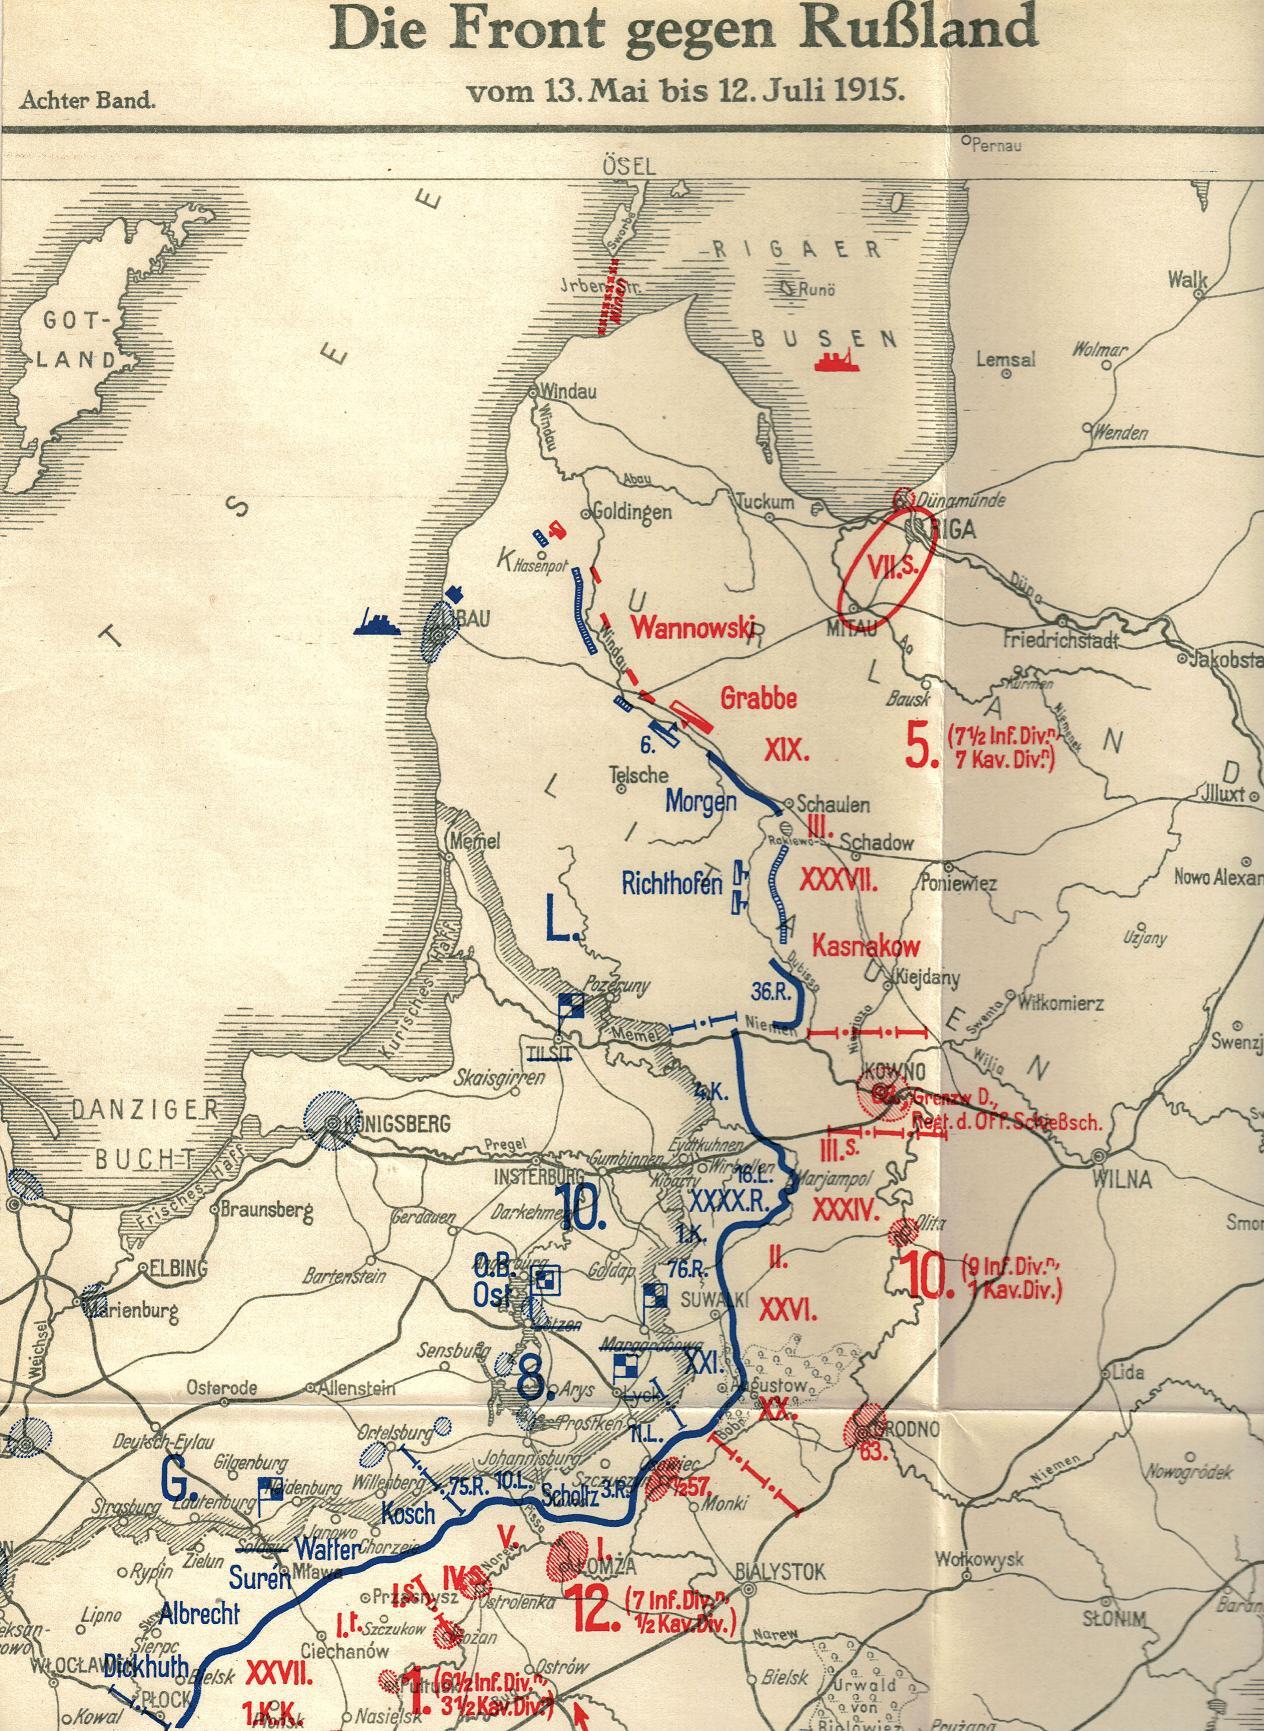 29. april 1915. Angrebsplaner for østfronten